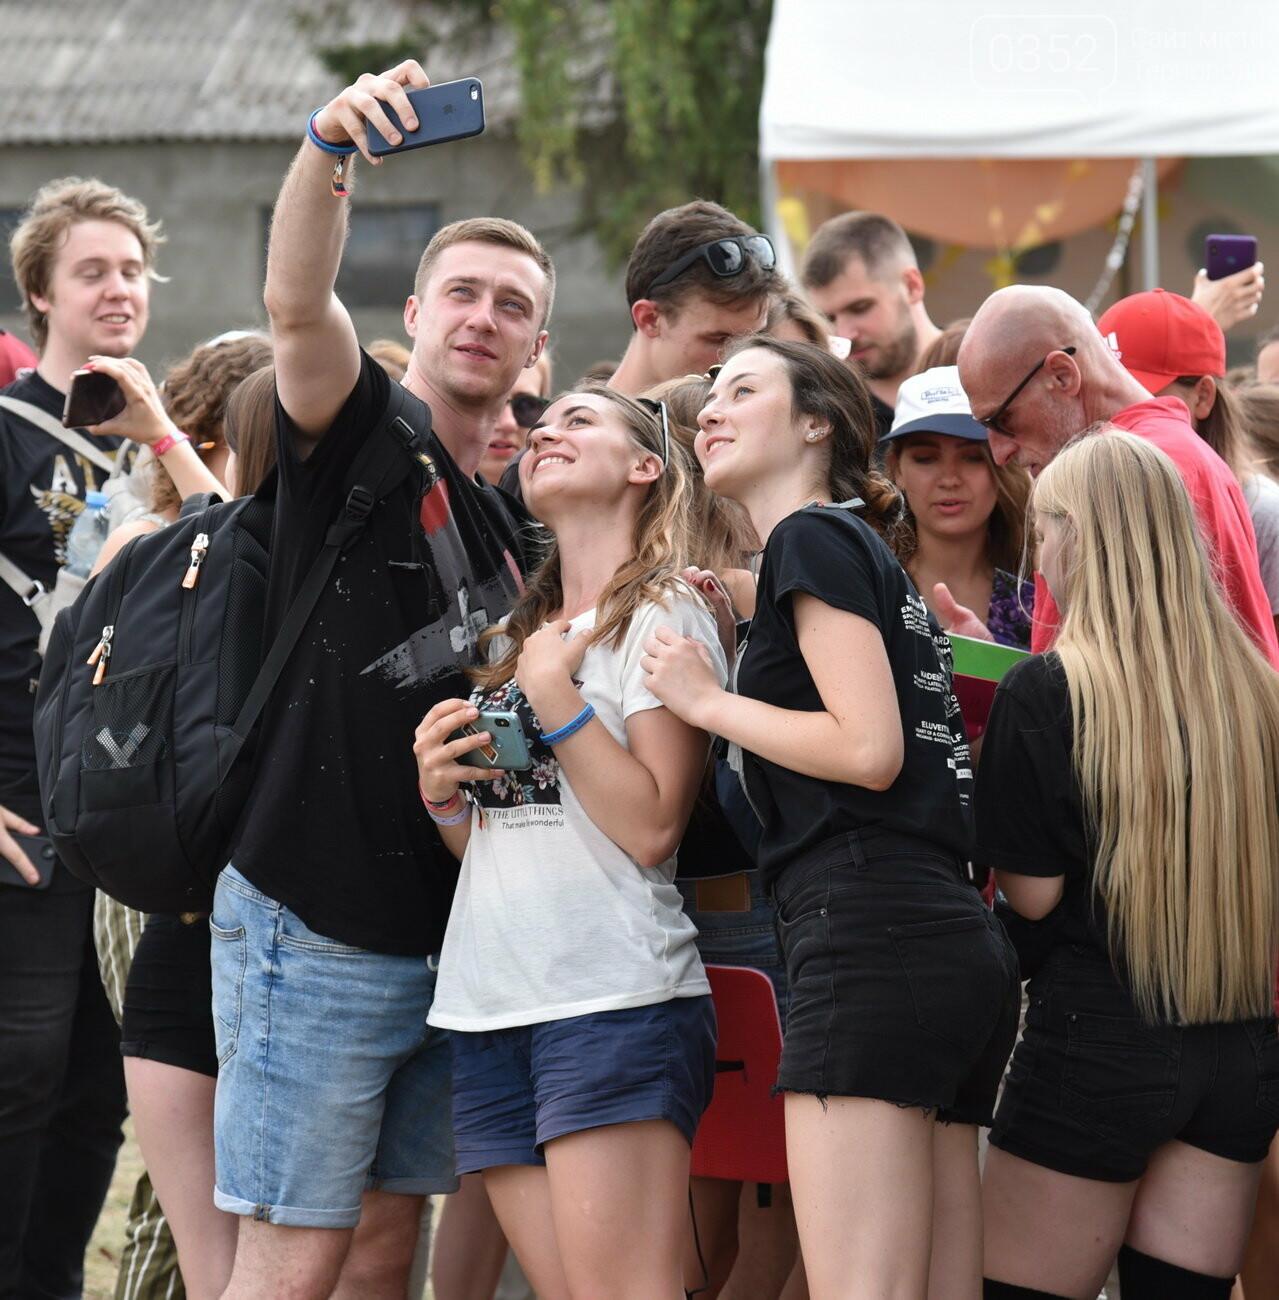 """Драйв і безтурботність: що робиться на фестивалі """"Файне місто"""" (масштабний фоторепортаж), фото-10"""